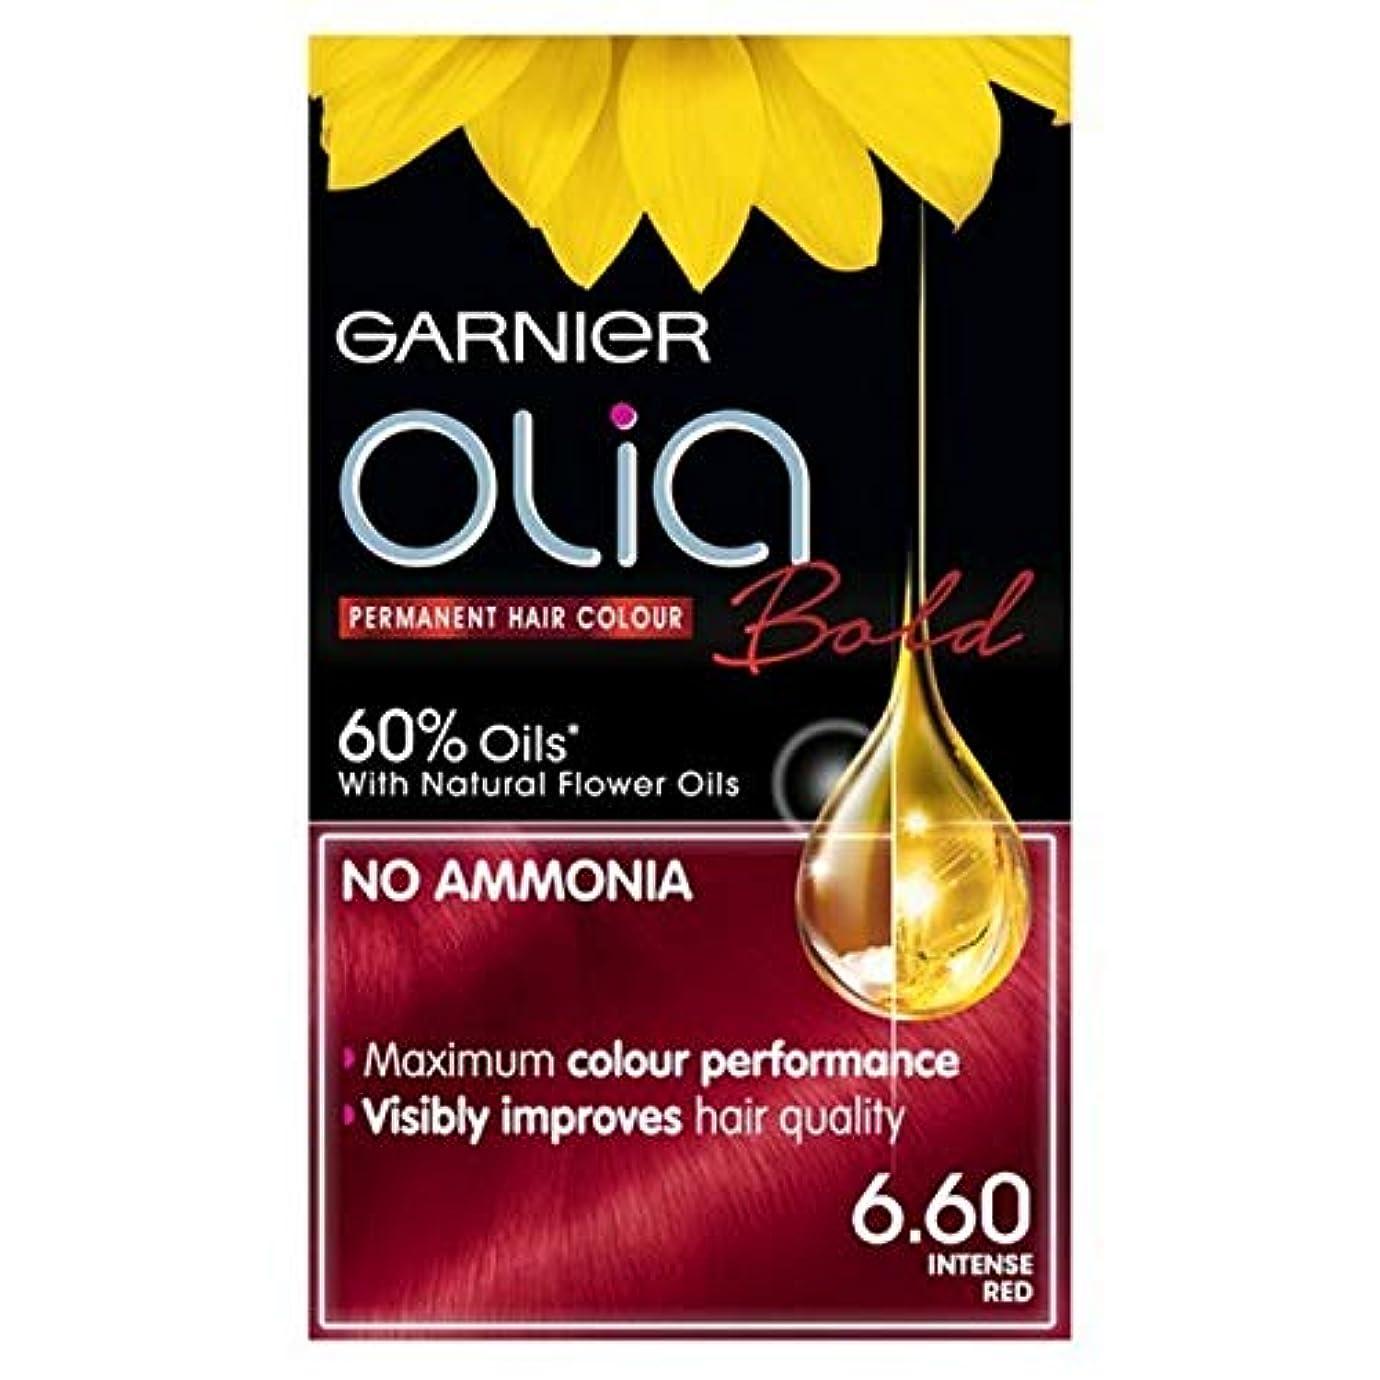 寄付するカレンダー化学薬品[Garnier ] ガルニエOlia大胆永久染毛剤強烈な赤6.60 - Garnier Olia Bold Permanent Hair Dye Intense Red 6.60 [並行輸入品]